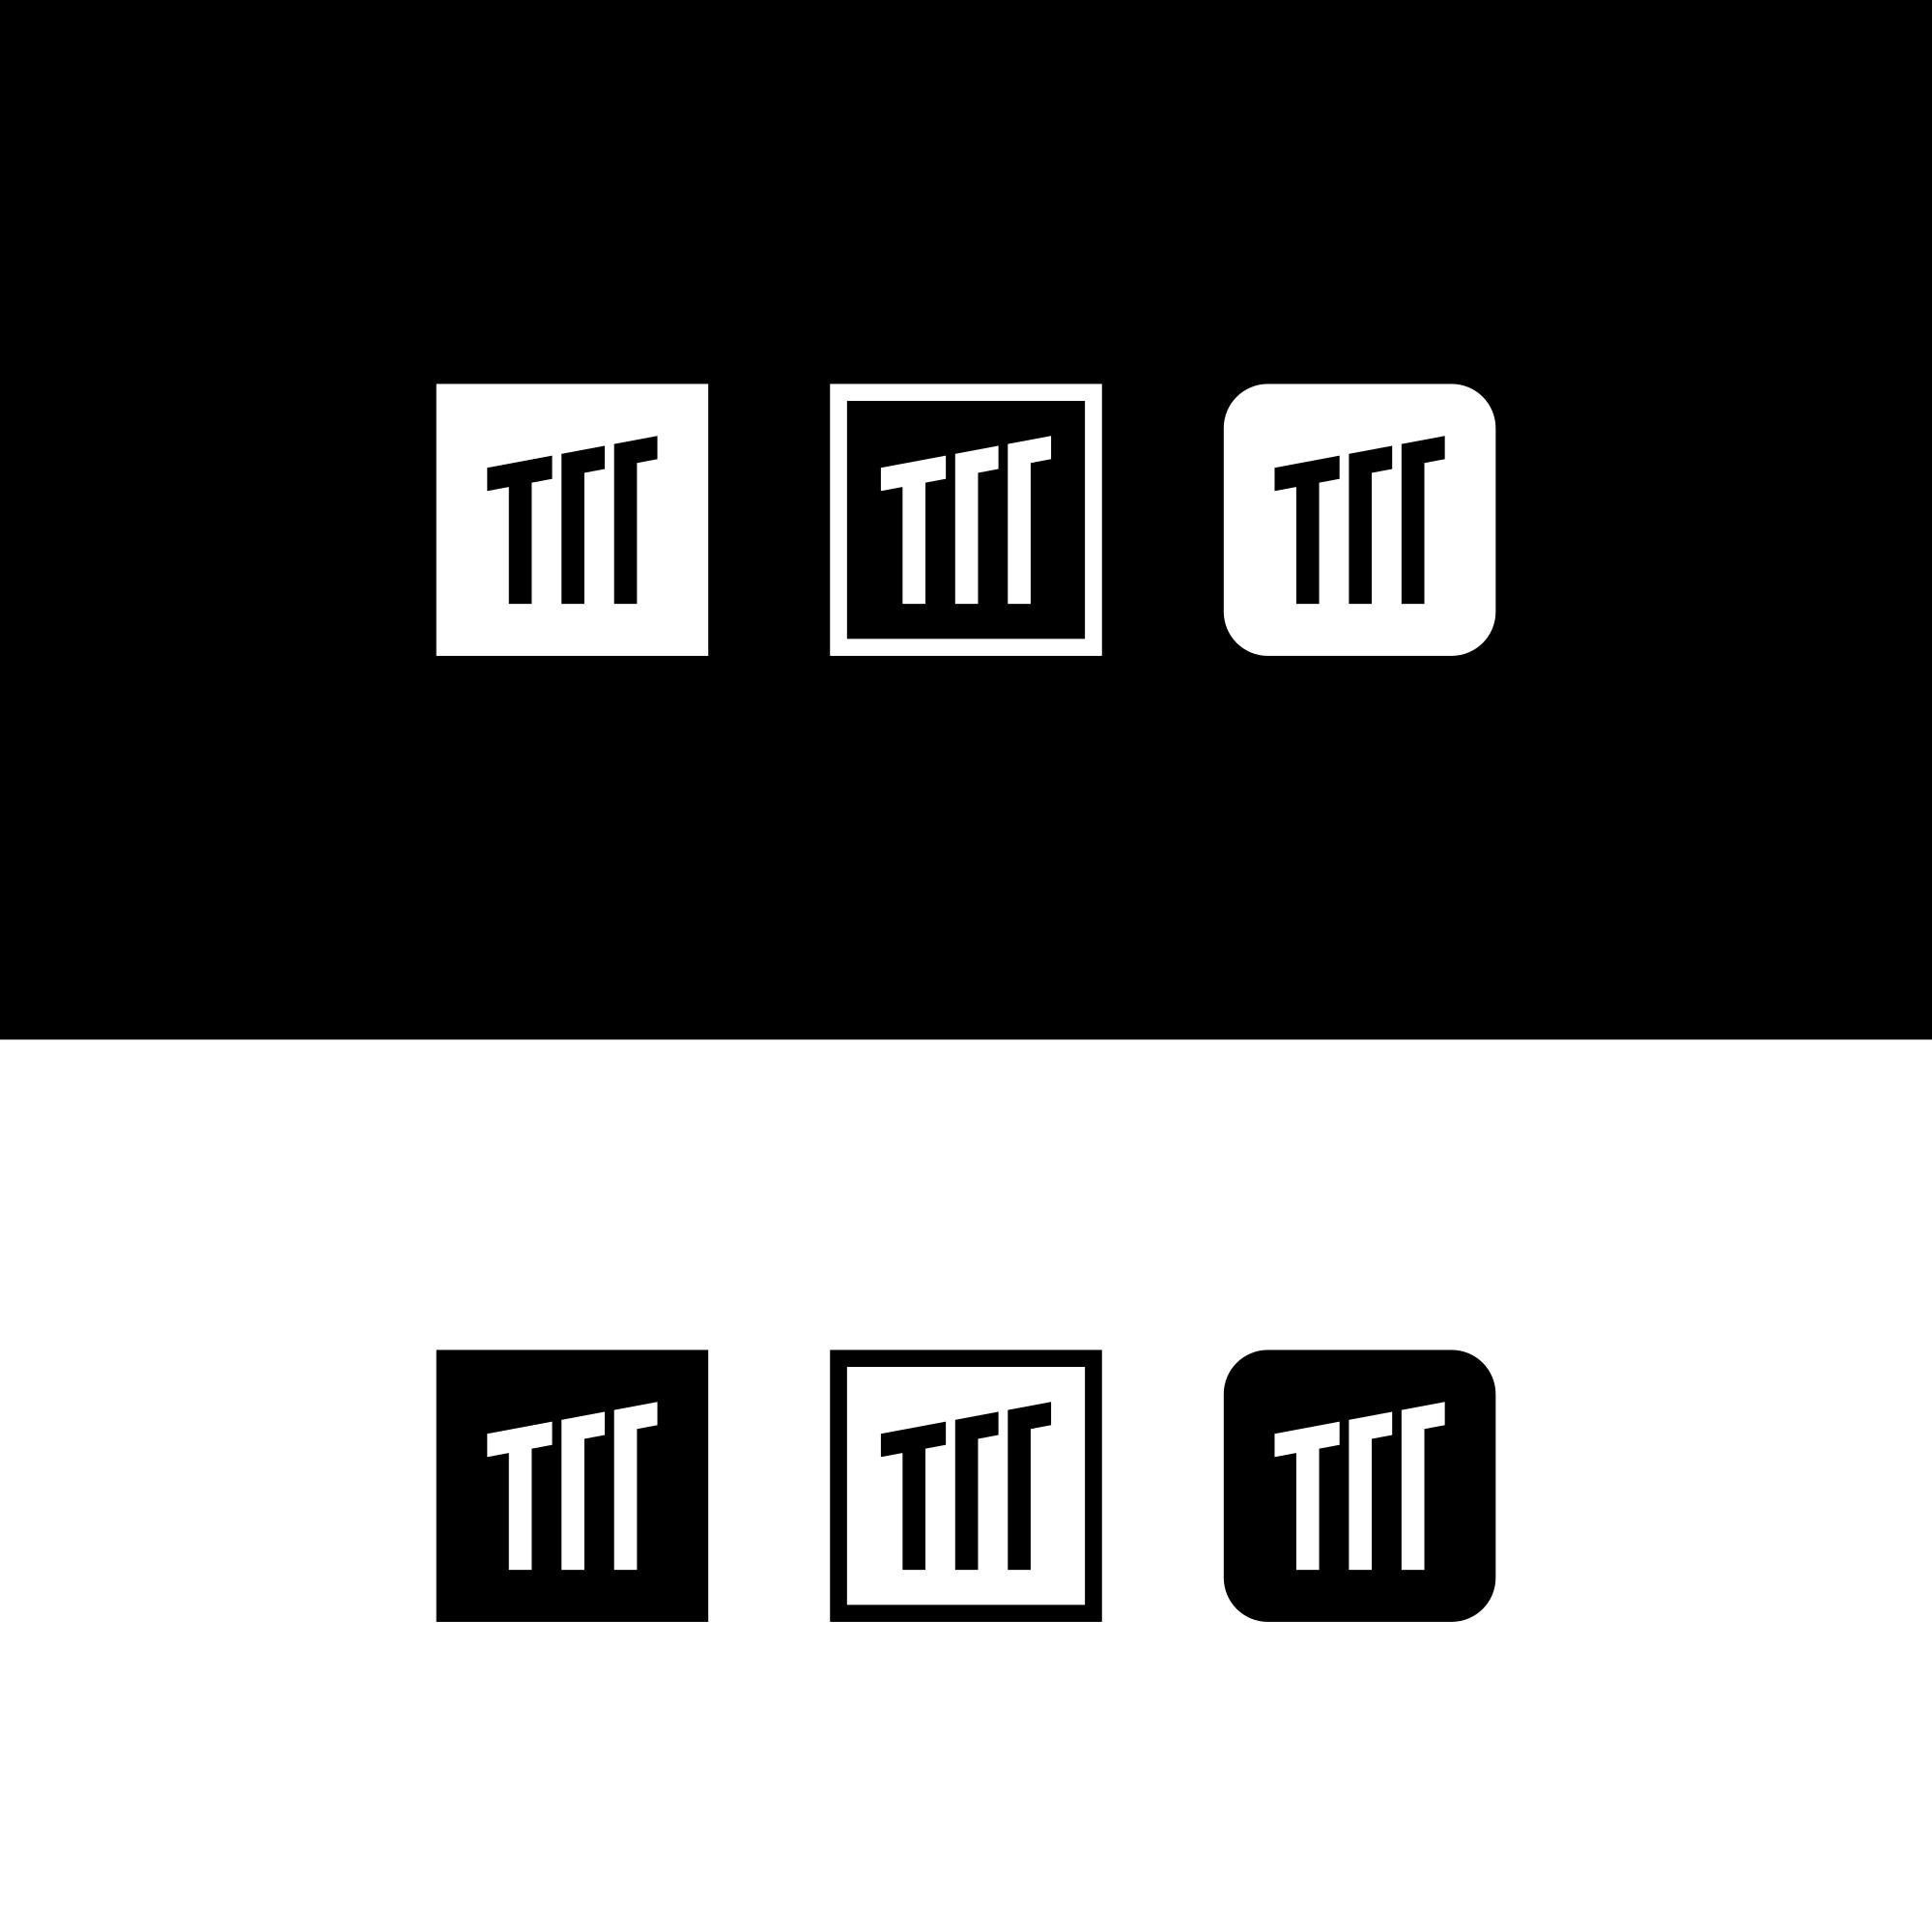 Редизайн логотипа магазина тату оборудования TattooMarket.ru фото f_9555c5354a4571d9.png